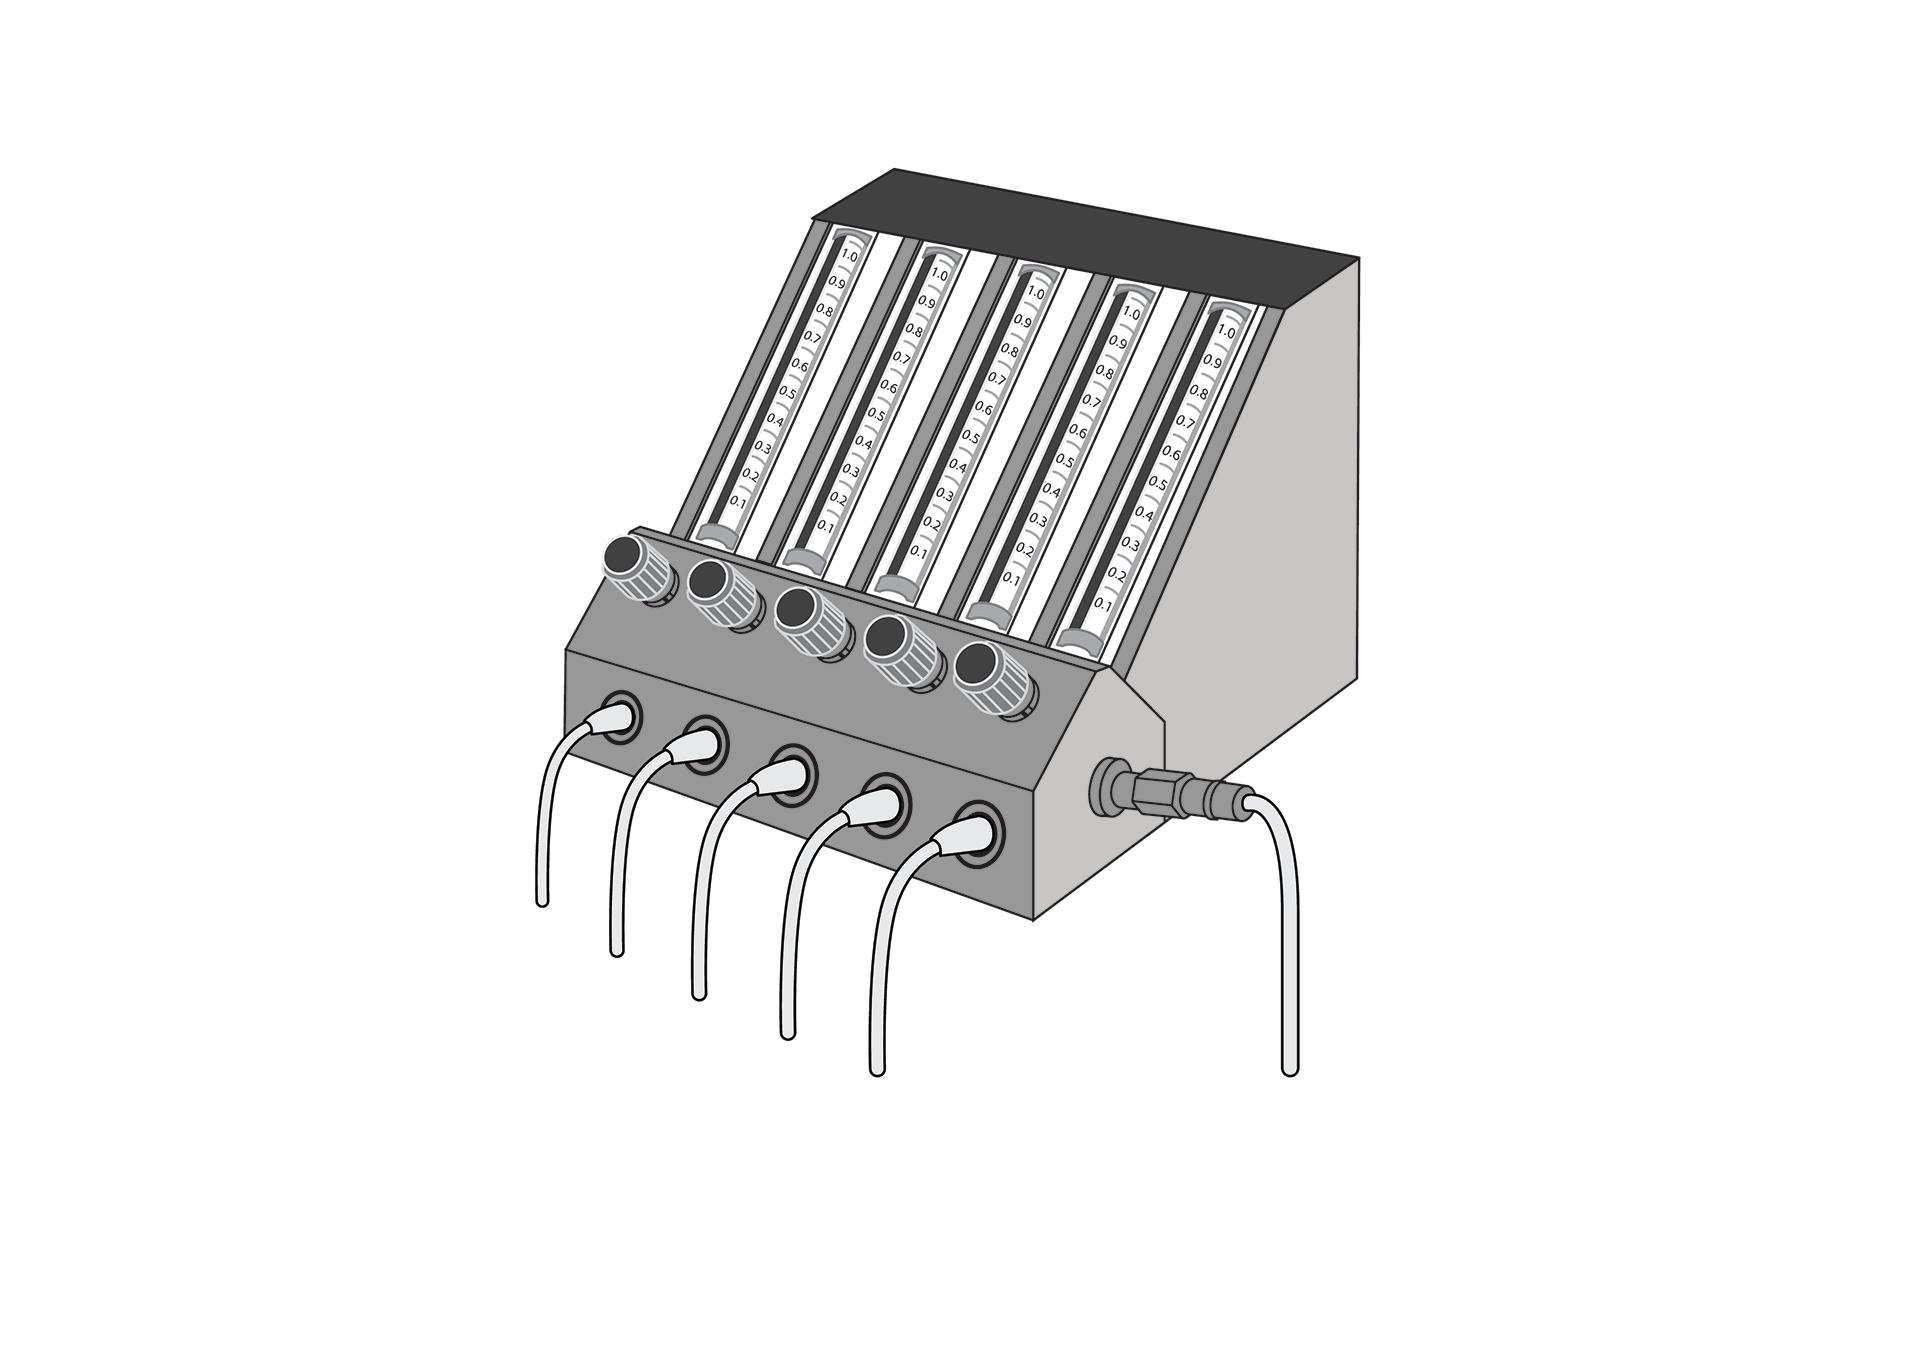 Flow splitter,for oxygen concentrator